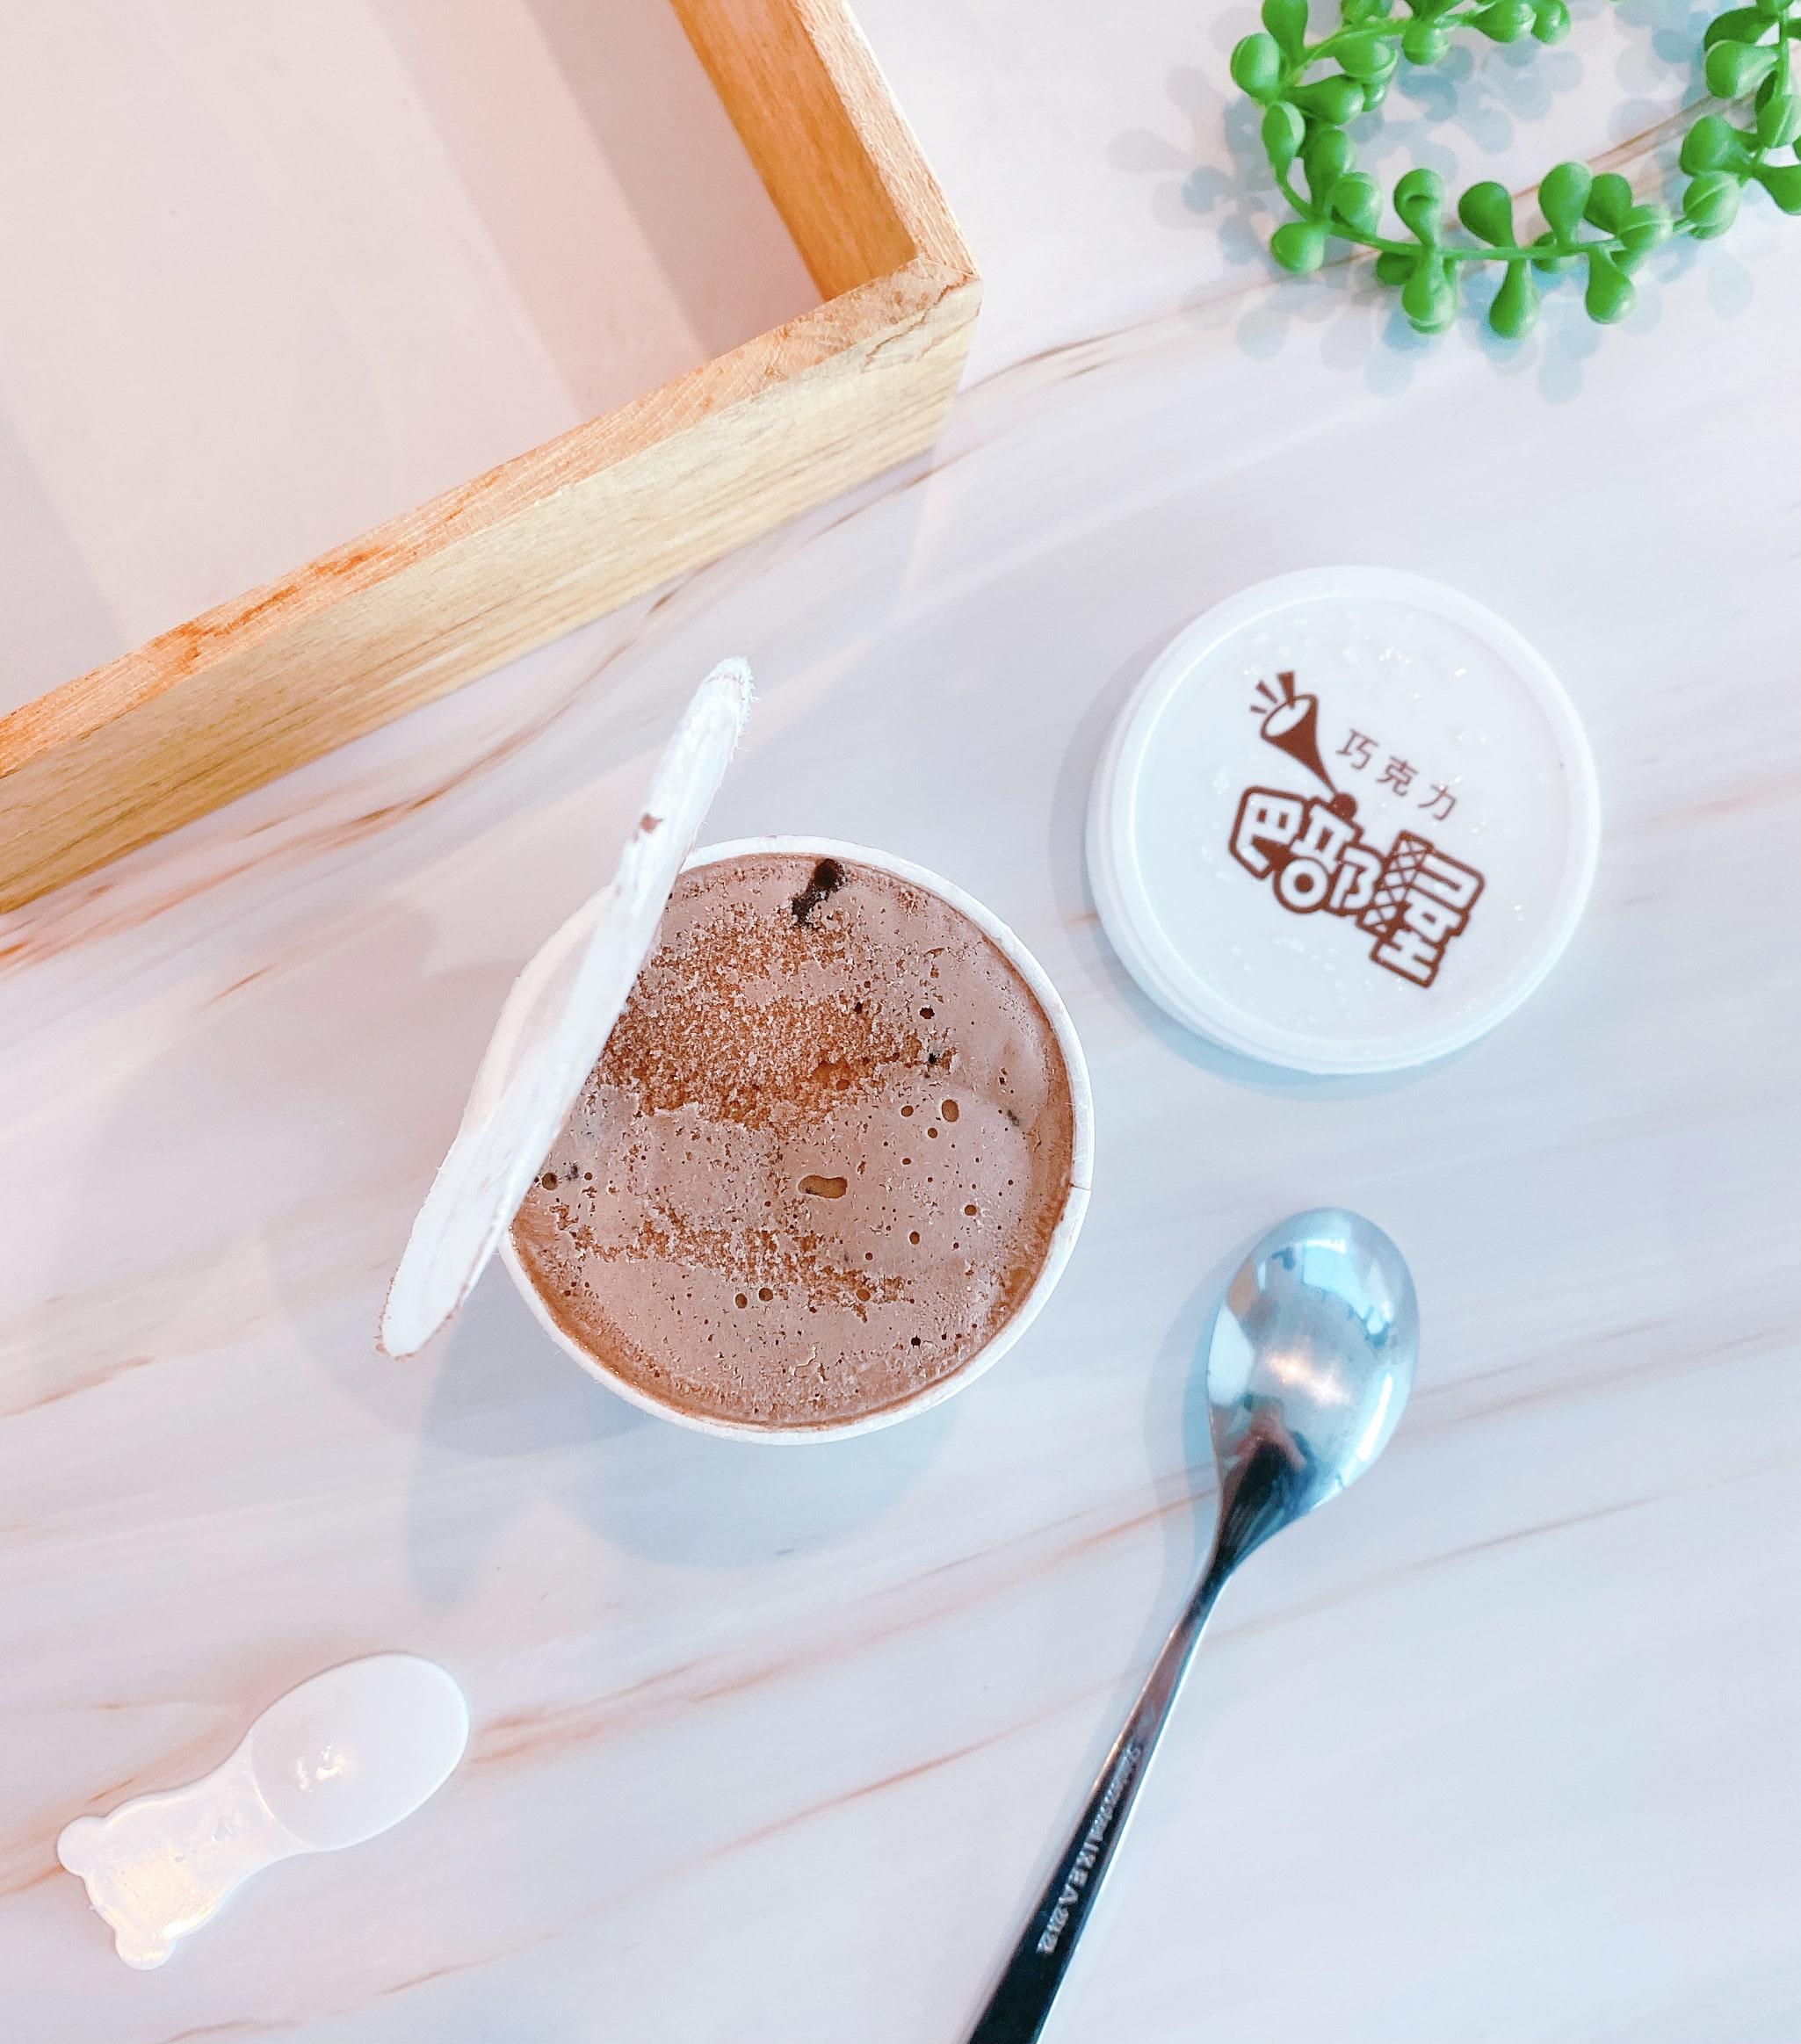 吃冰也可以很天然健康!大人小朋友都愛的台中義式冰淇淋達人——巴部屋工房